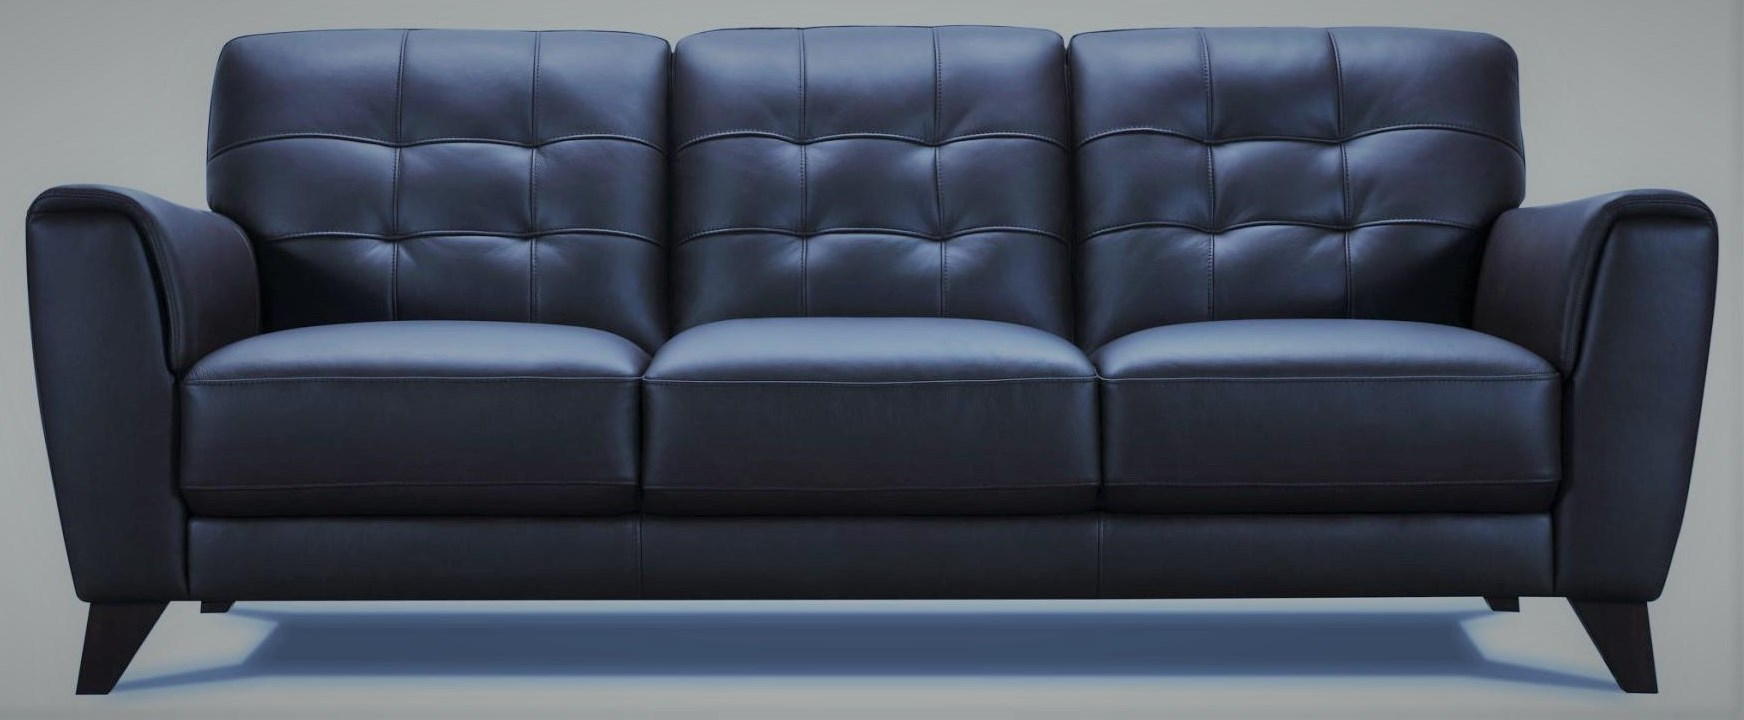 32294 Leather Sofa - Navy by Violino at Furniture Fair - North Carolina